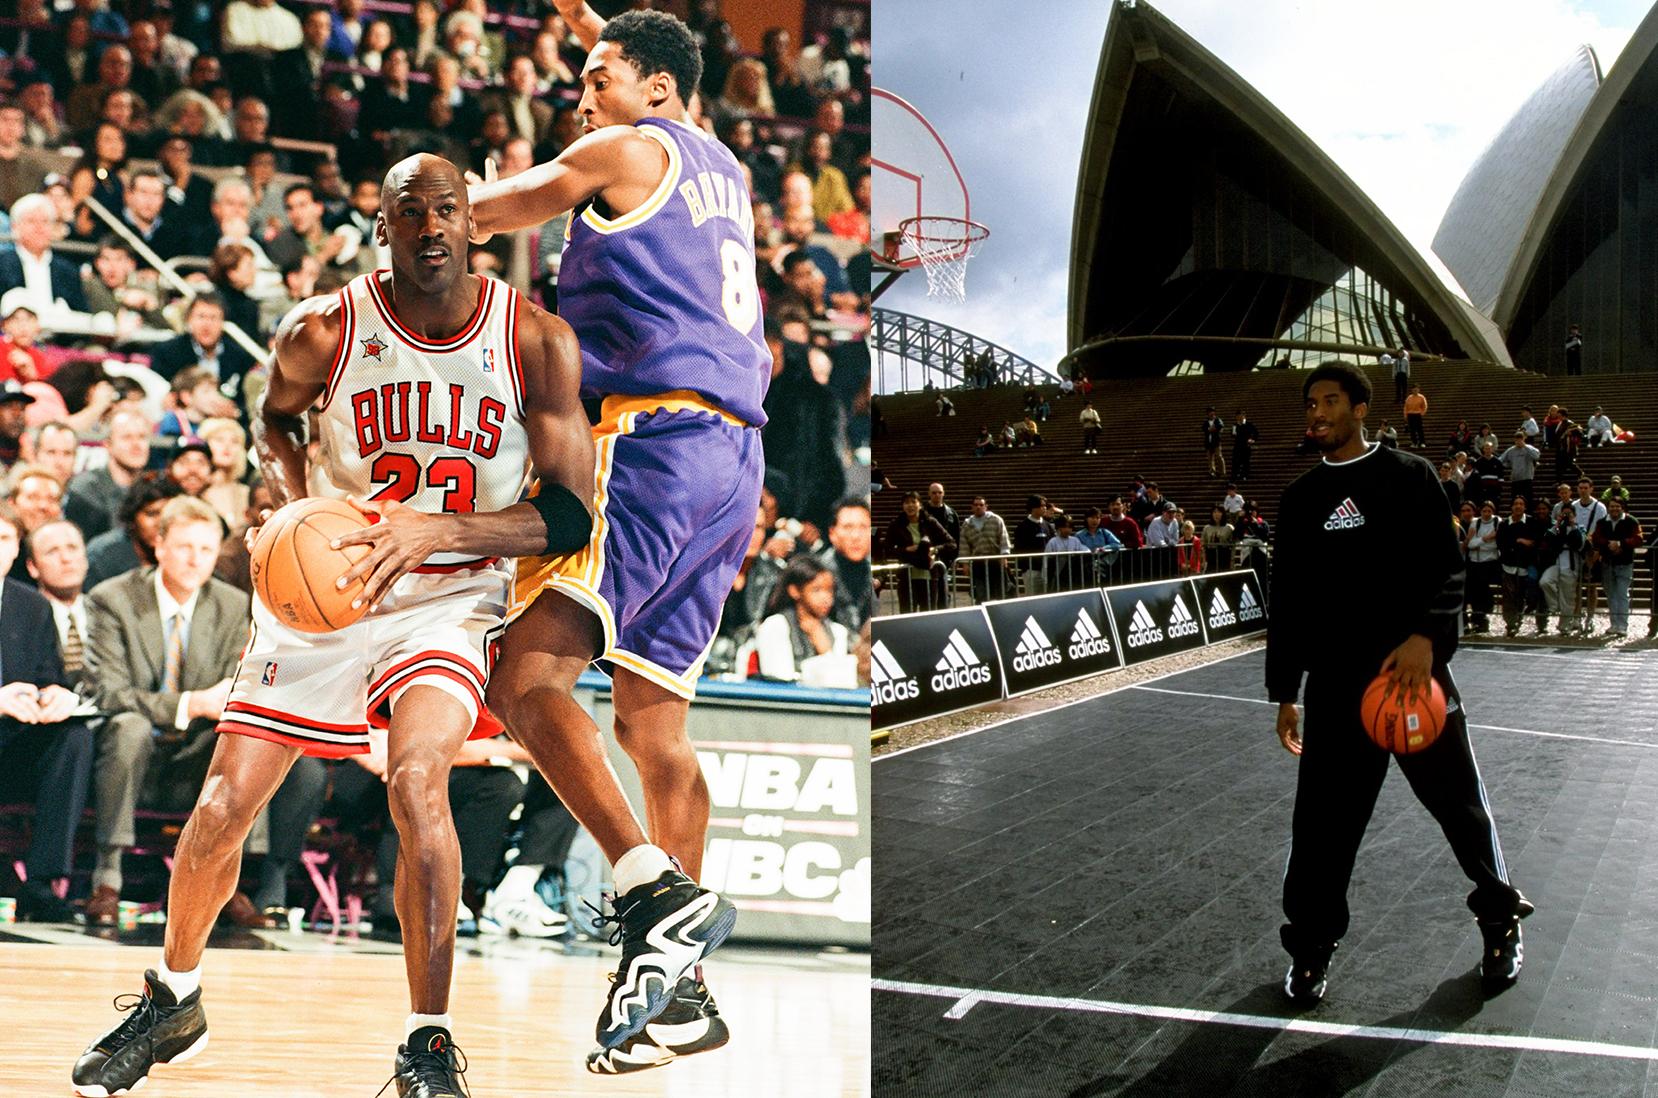 NEW YORK, NY – 8. helmikuuta: 1998 Chicago Bullsien Michael Jordan pelaa Los Angeles Lakersien Kobe Bryantia vastaan vuoden 1998 NBA All-Star -pelissä (Kuva: Sporting News / Getty Images) Elokuu 1998: Kobe Bryant Sydneyn oopperatalon edustalla adidas promokiertueella Sydneyssä.